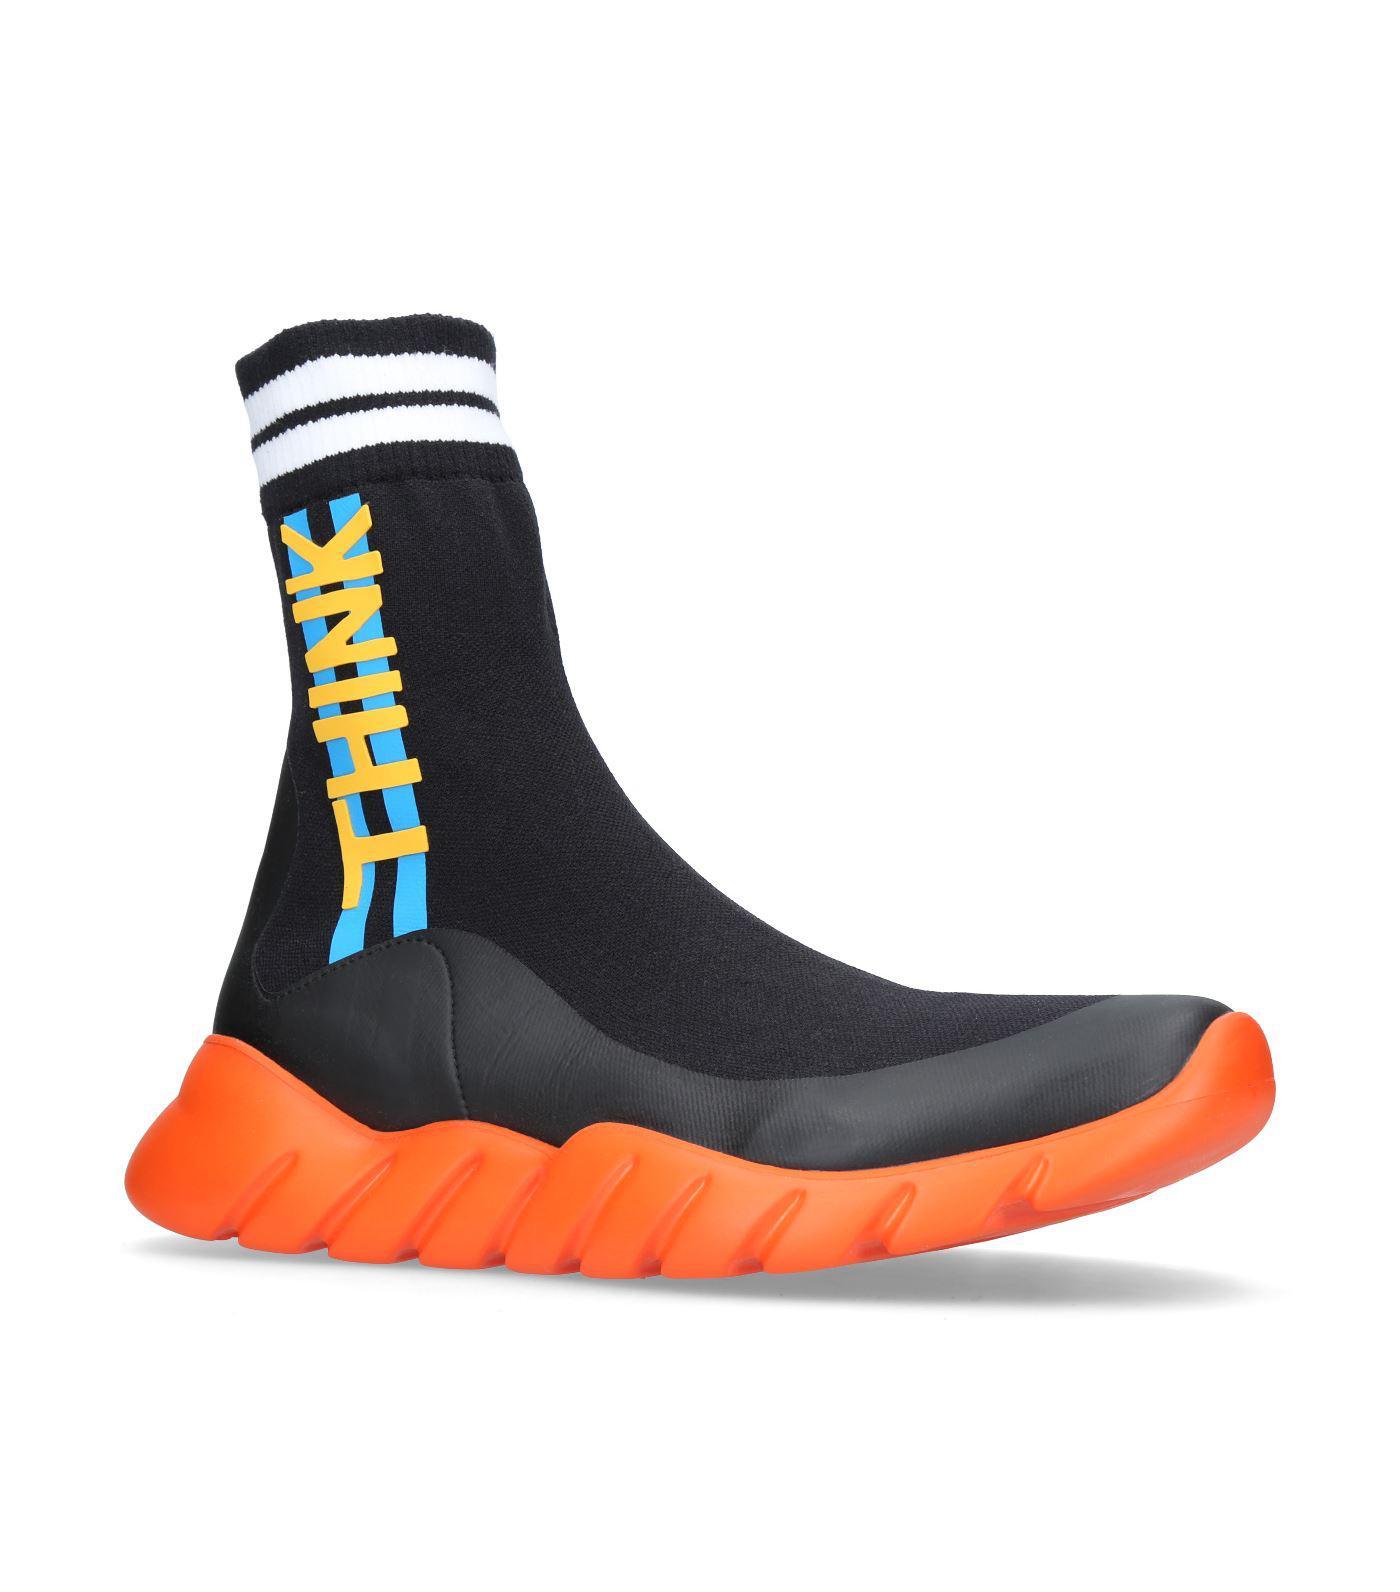 Fendi Think High Top Sneakers in Black